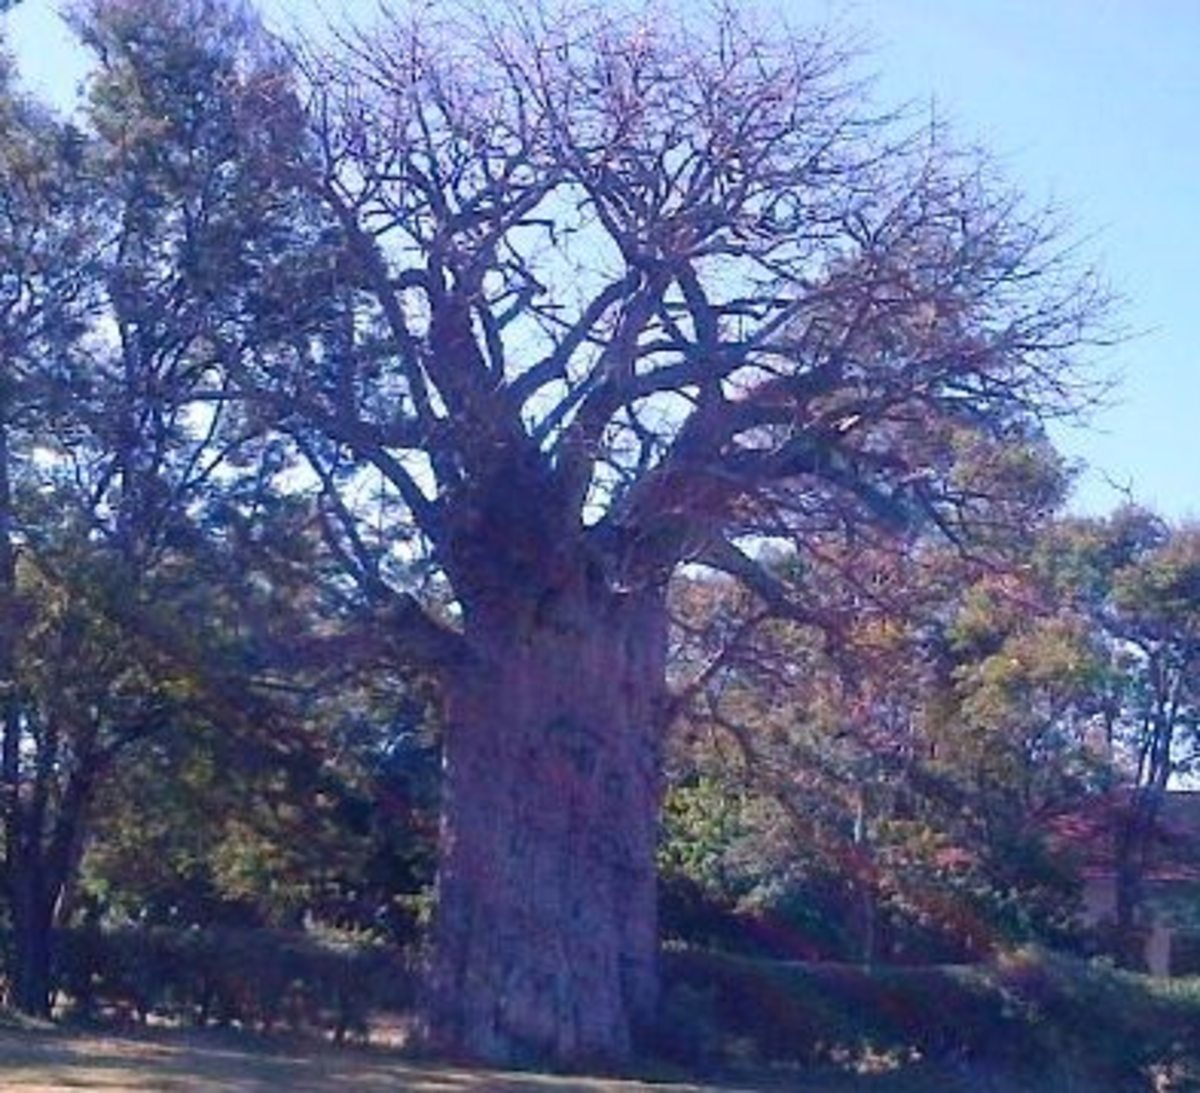 Baobab tree in Mwadui, Tanzania © Sonja Jordaan